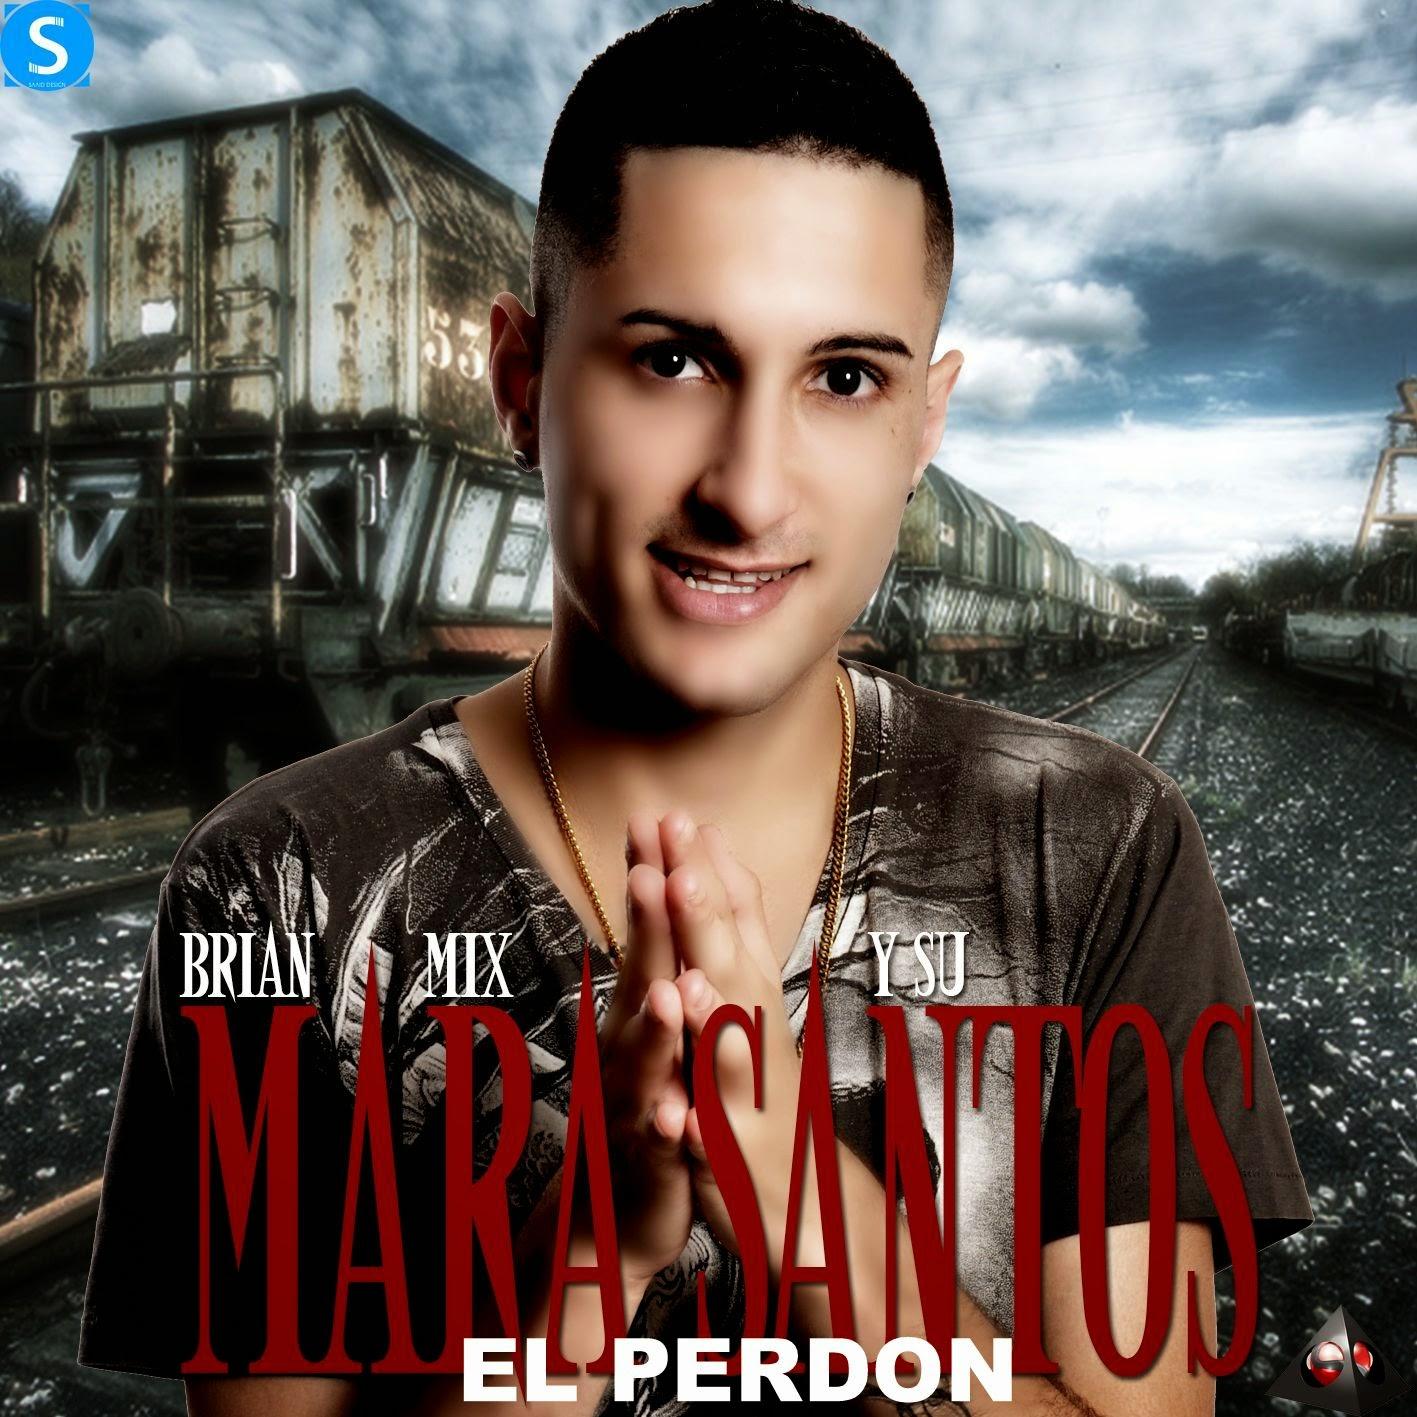 La Mara Santos - El Perdon - (Noviembre 2014)